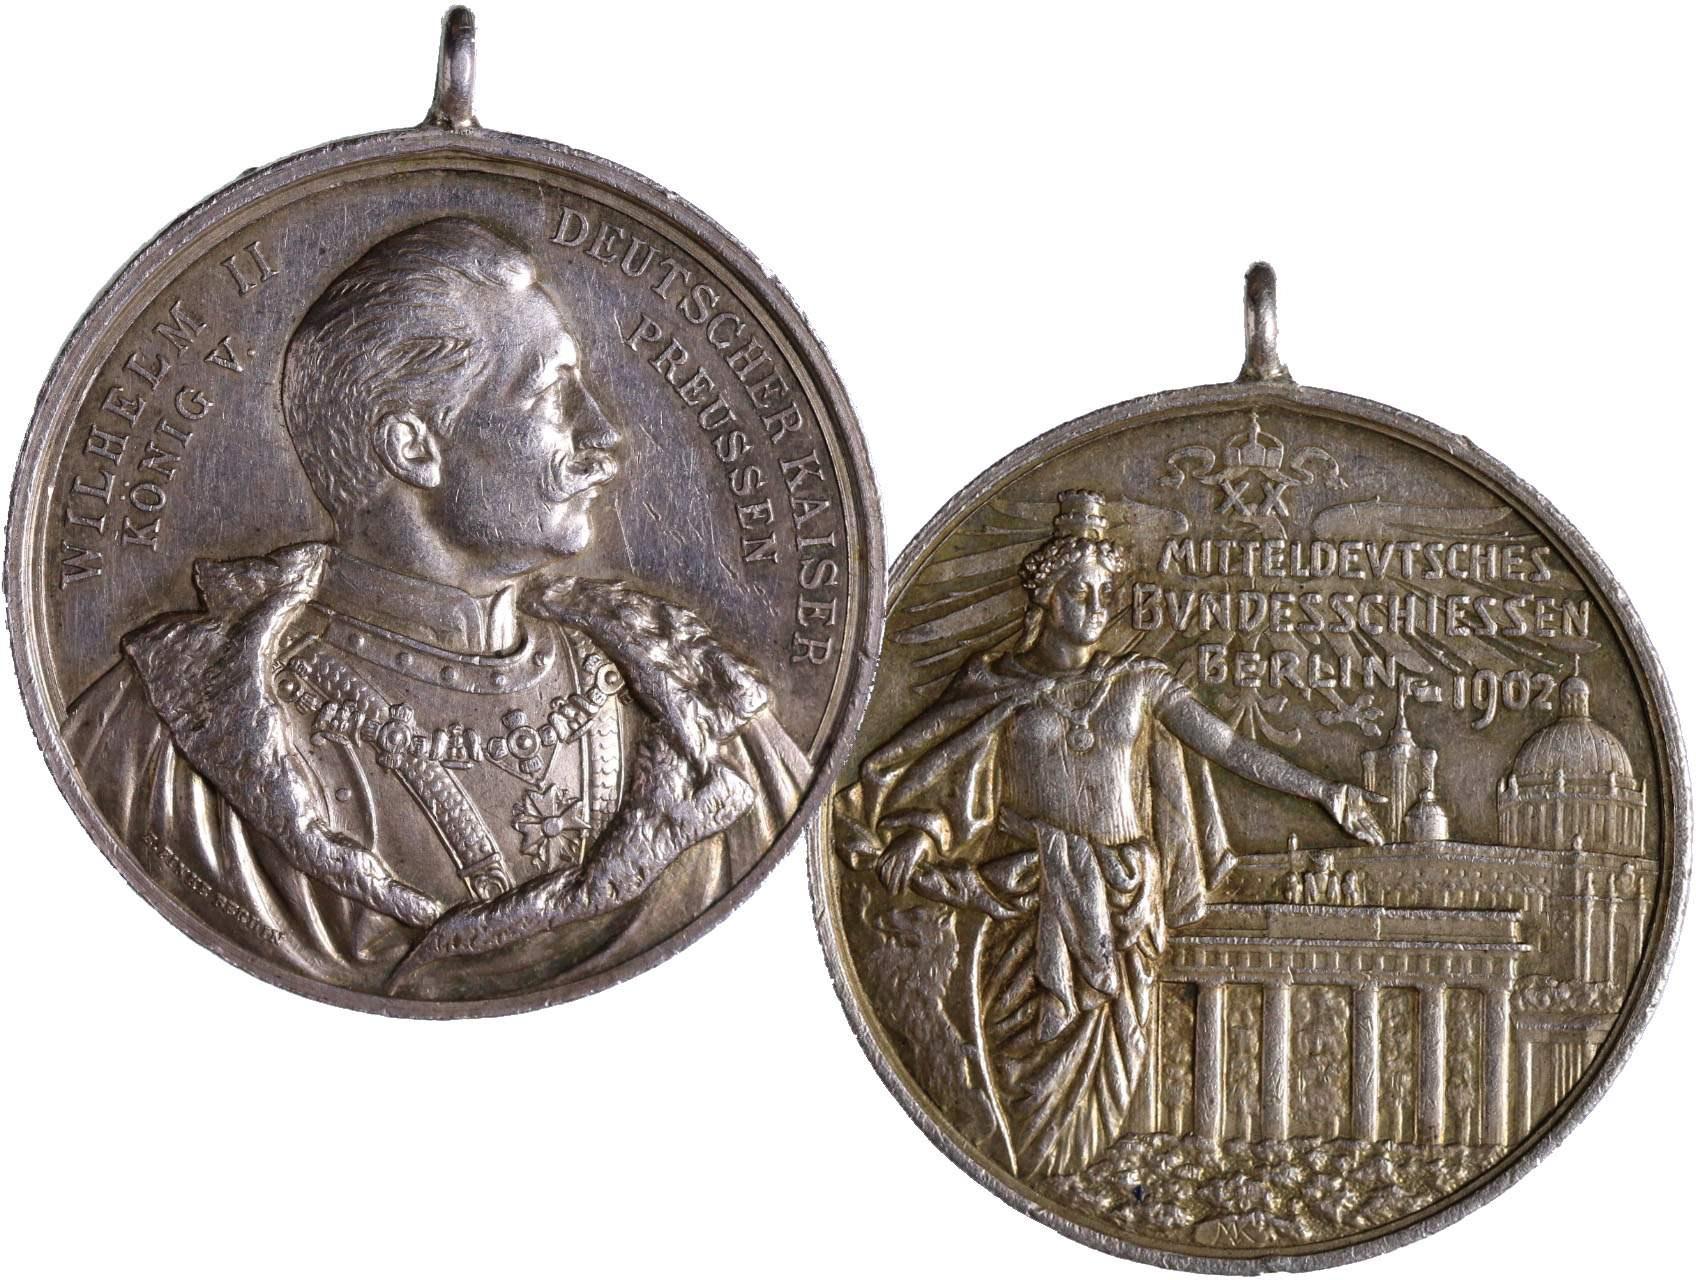 Německo, Ag střelecká medaile1902  XX.spolkové střelby Berlín, původní očko